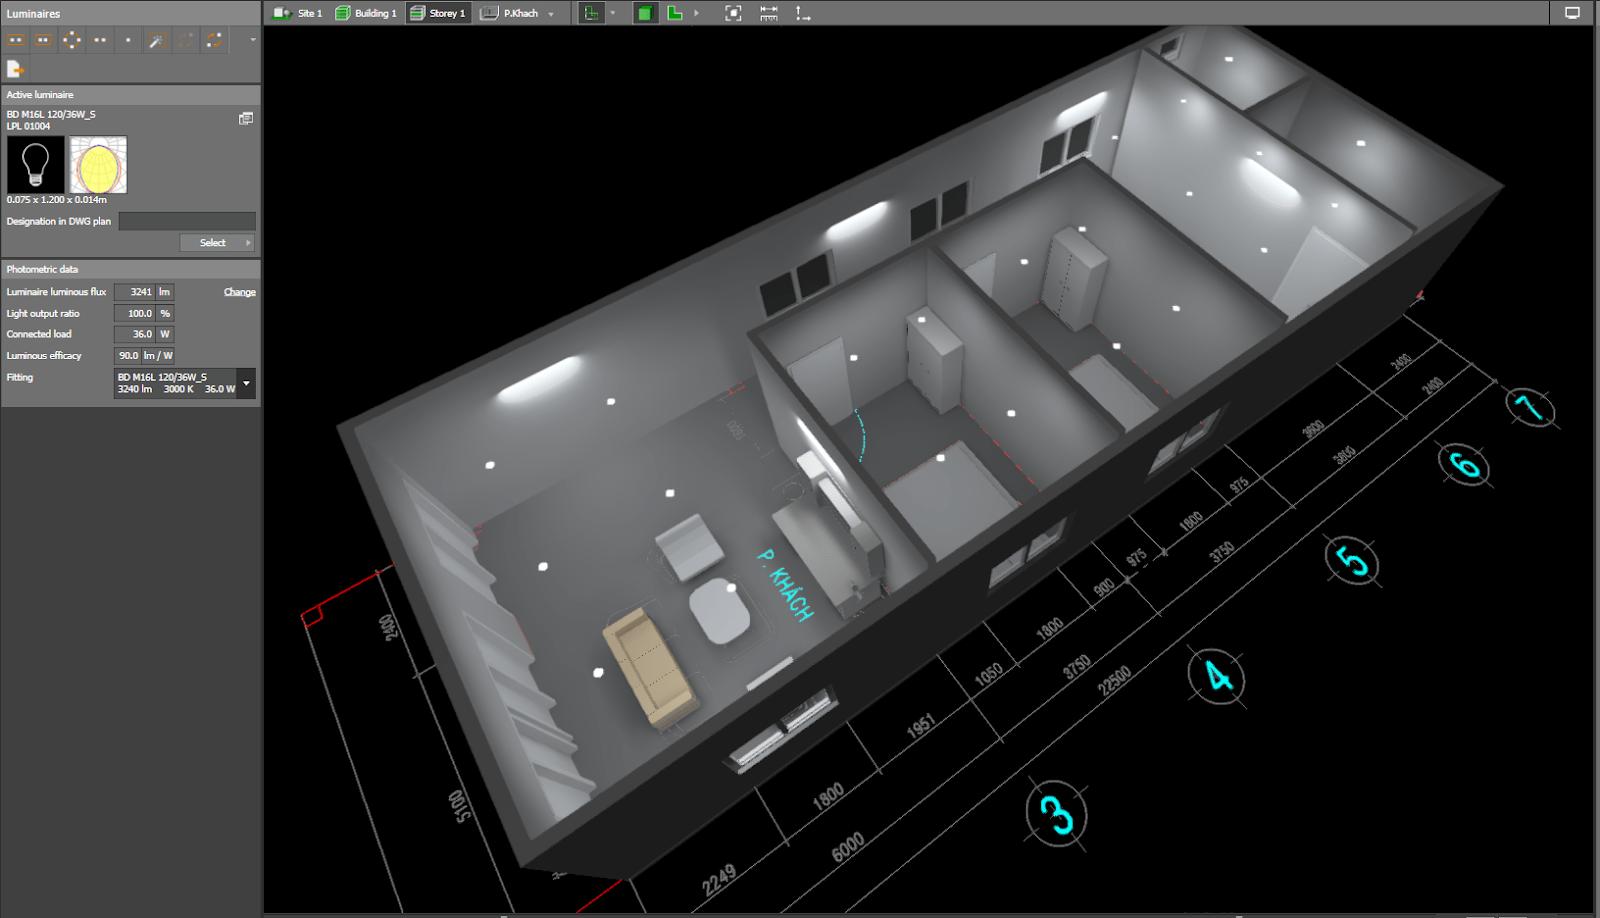 Dialux- thiết kế chiếu sáng miễn phí